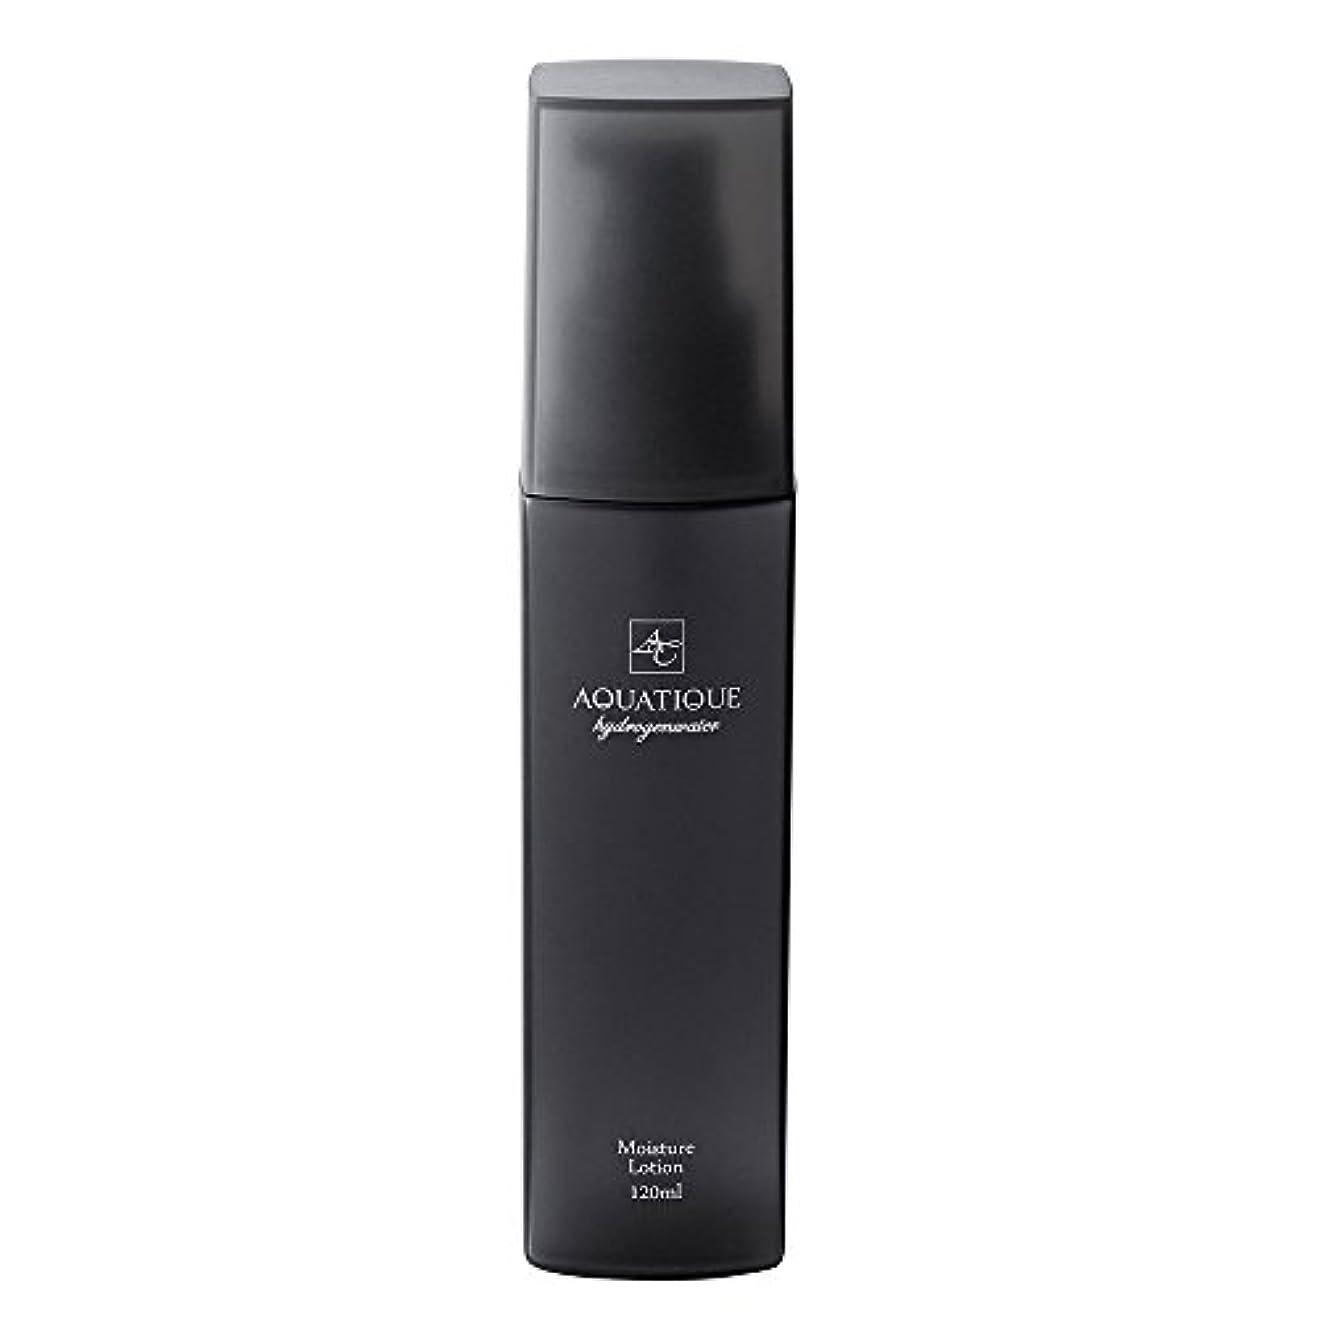 リズミカルなバッチパブ水素化粧水 アクアティーク モイスチャーローション 120ml (化粧水)